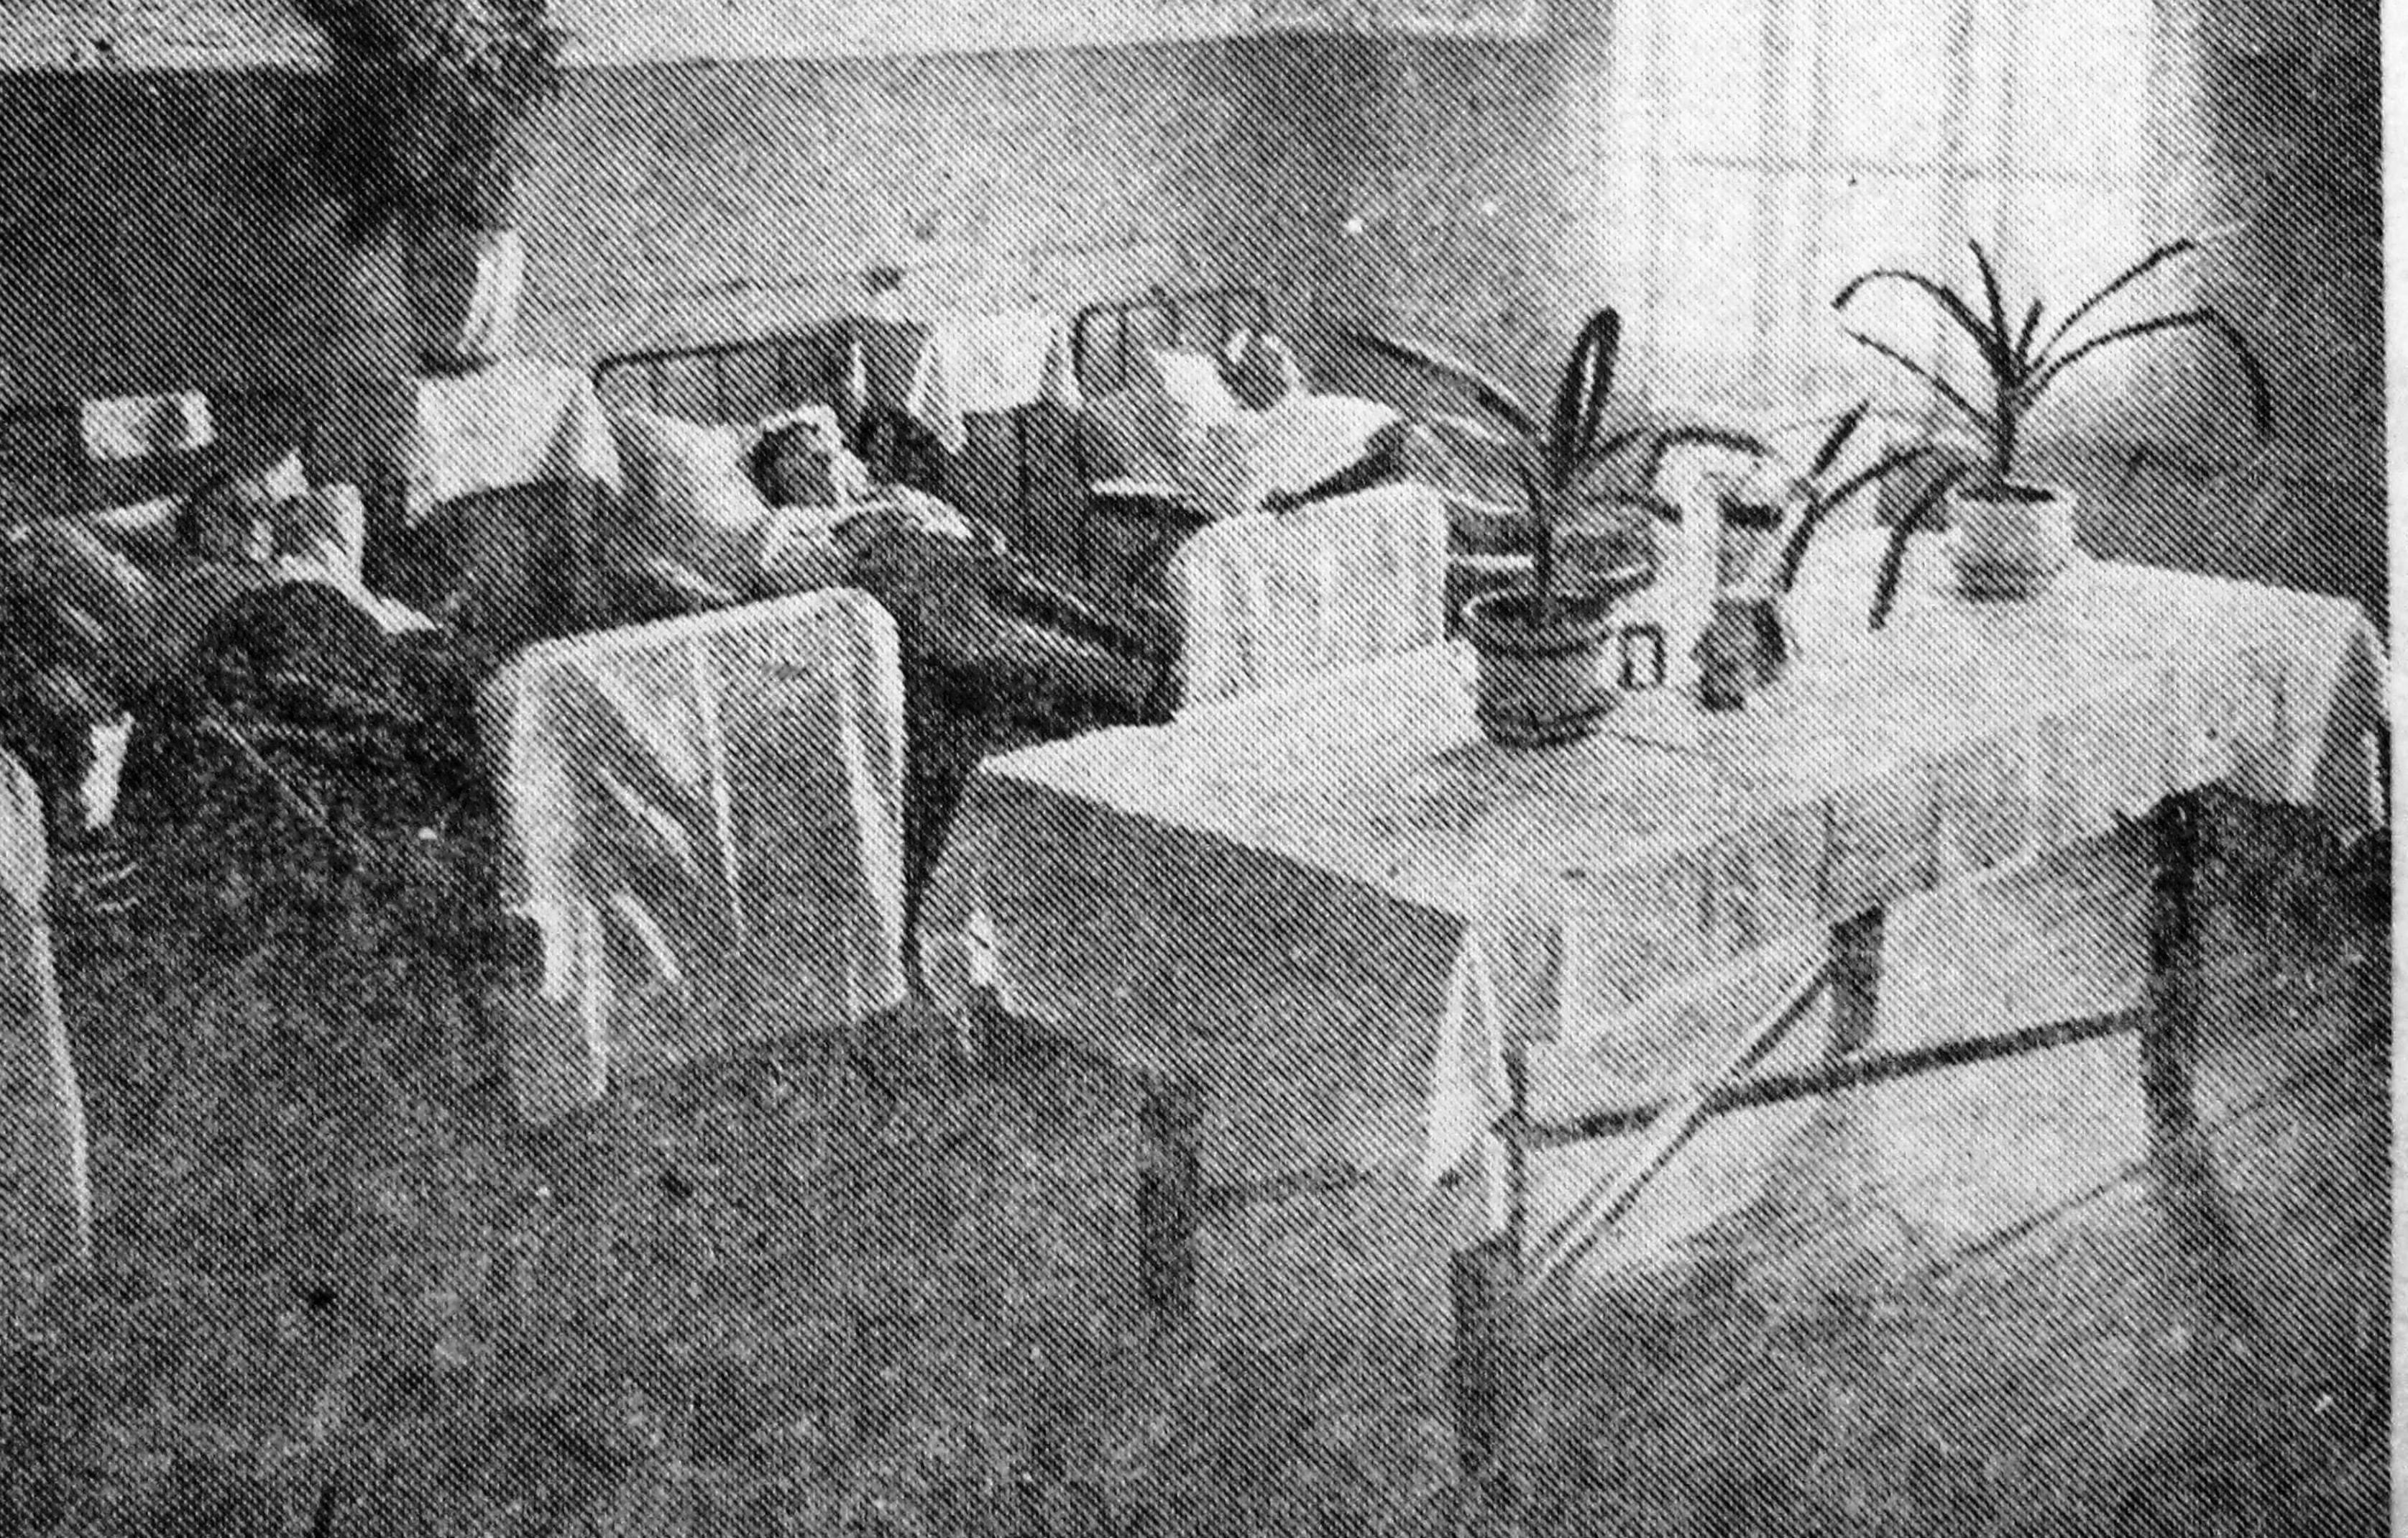 Одна из палат Сорокской районной больницы. Фотокопия из газеты «Беломорская трибуна» 10 марта 1935 г. Из фондов НБ РК